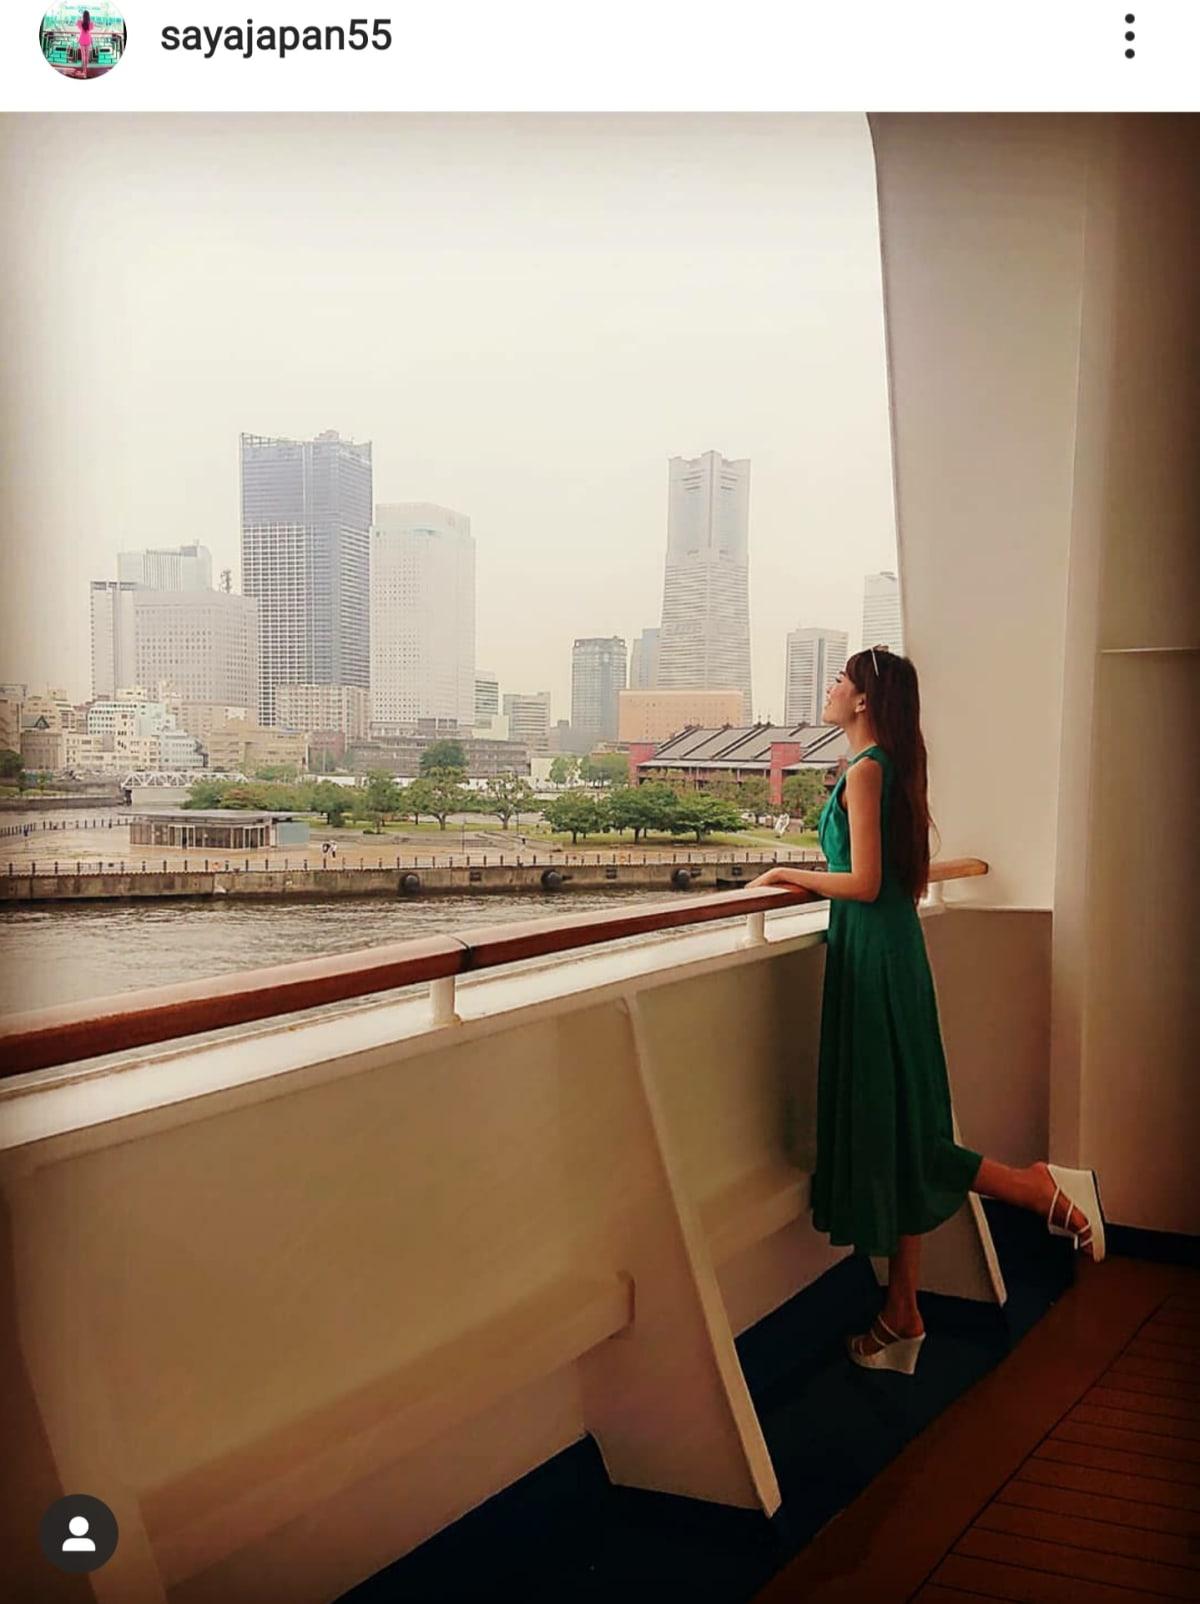 横浜から出港 | 客船ダイヤモンド・プリンセスの乗客、船内施設